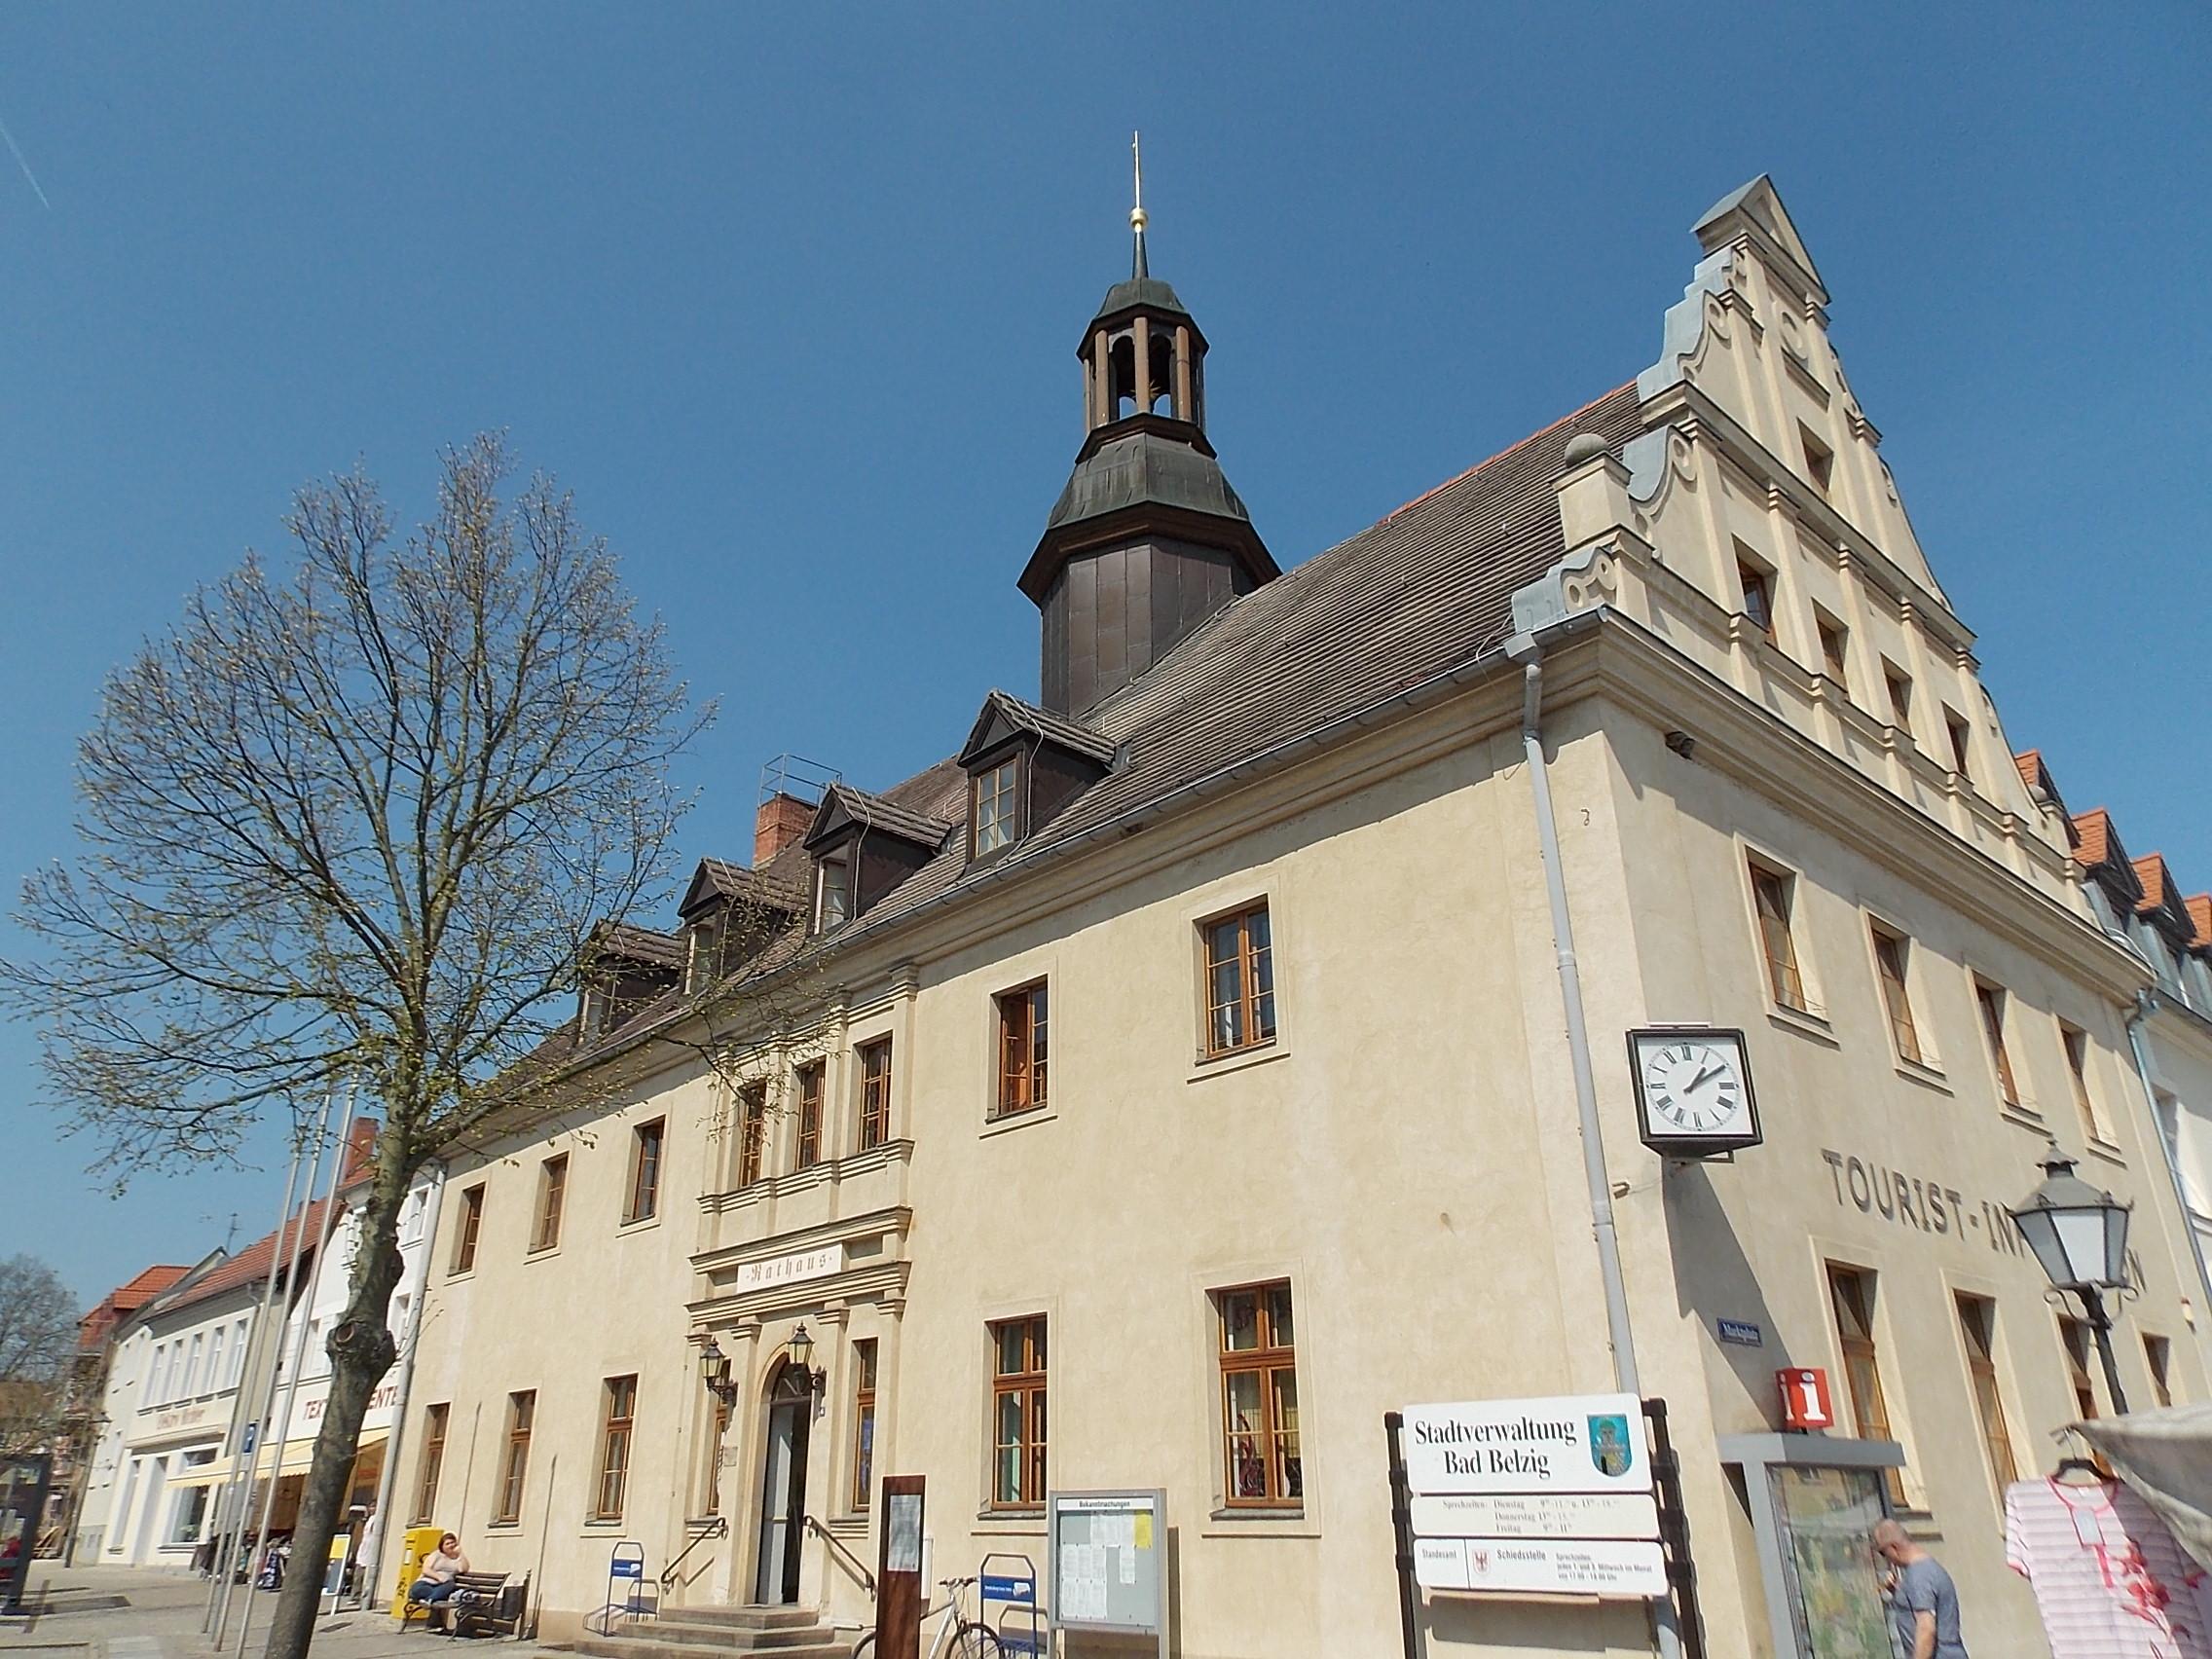 Mbsv Bad Belzig